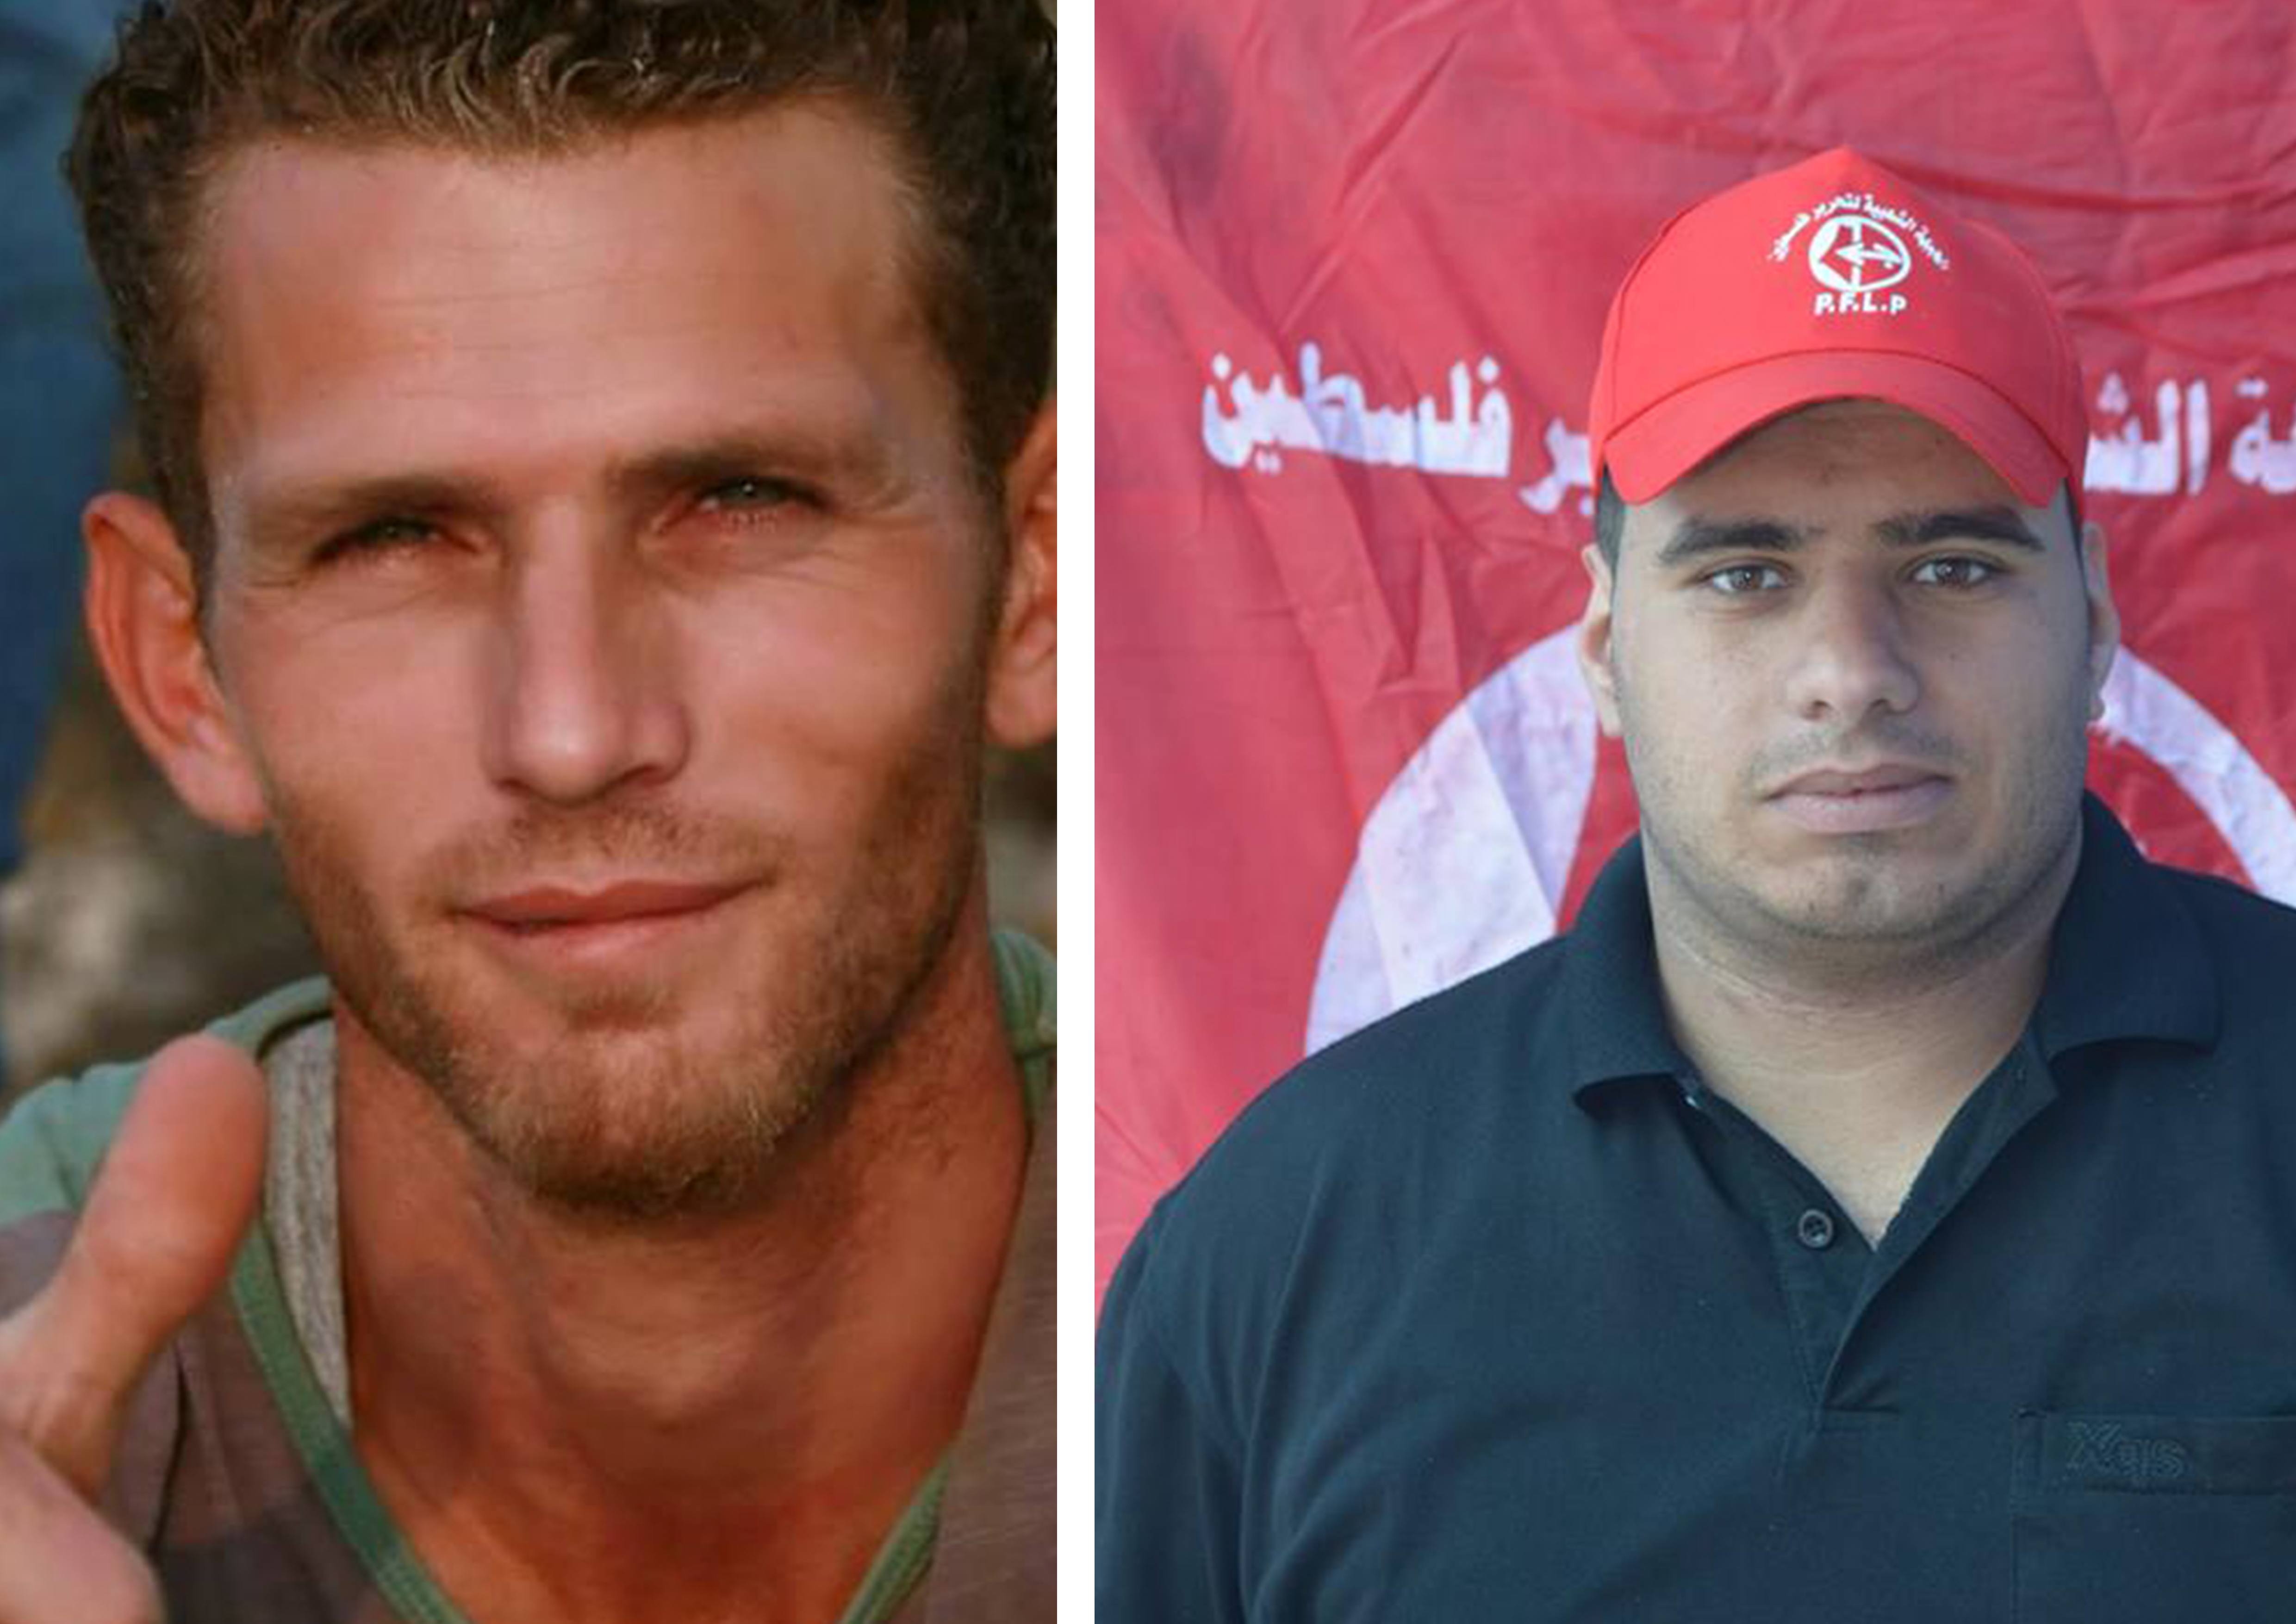 Mohammed Ibrahim Shraiteh (à gauche) et Mohammed Al Tatari